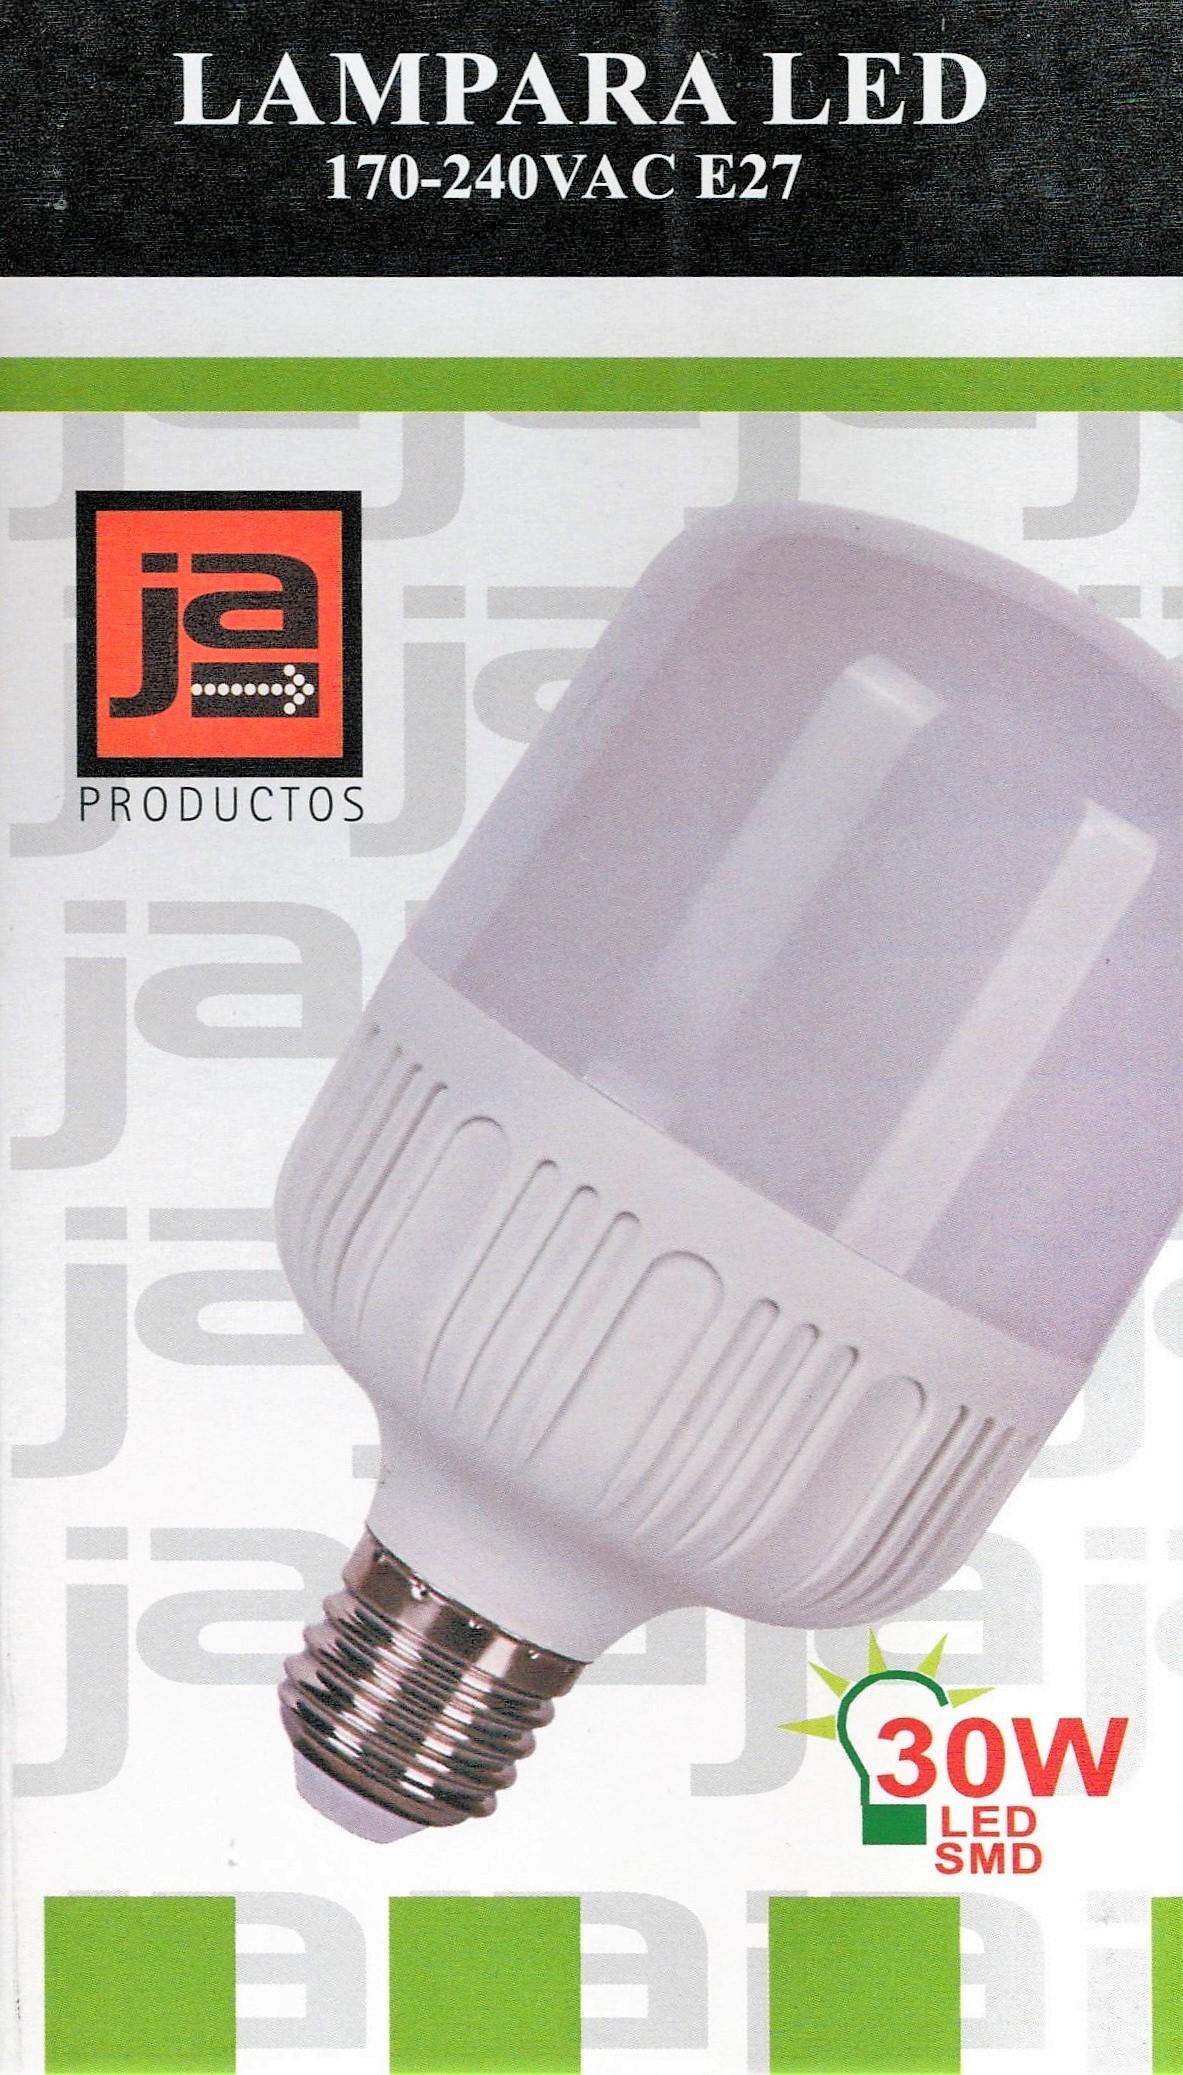 LED E27 LAMPARAS L1030 LAMPARA ILUMINACION LED 3000K JA 30W PXukiZ